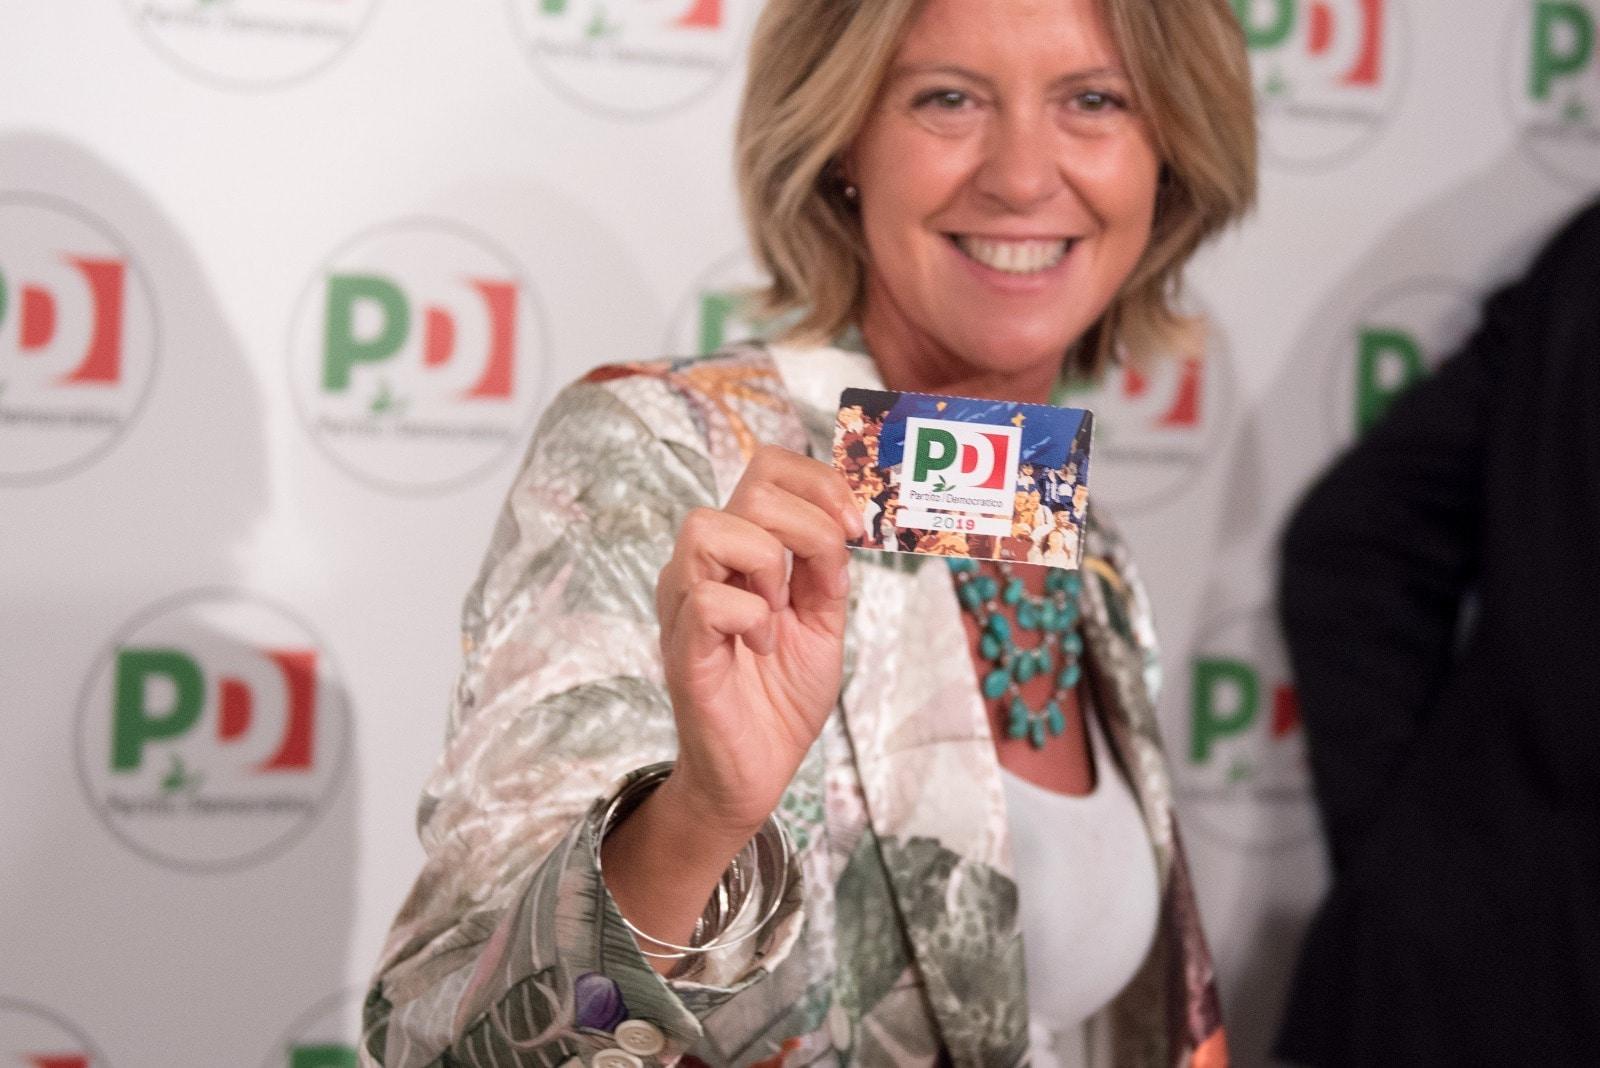 beatrice lorenzin partito democratico nicola zingaretti 1